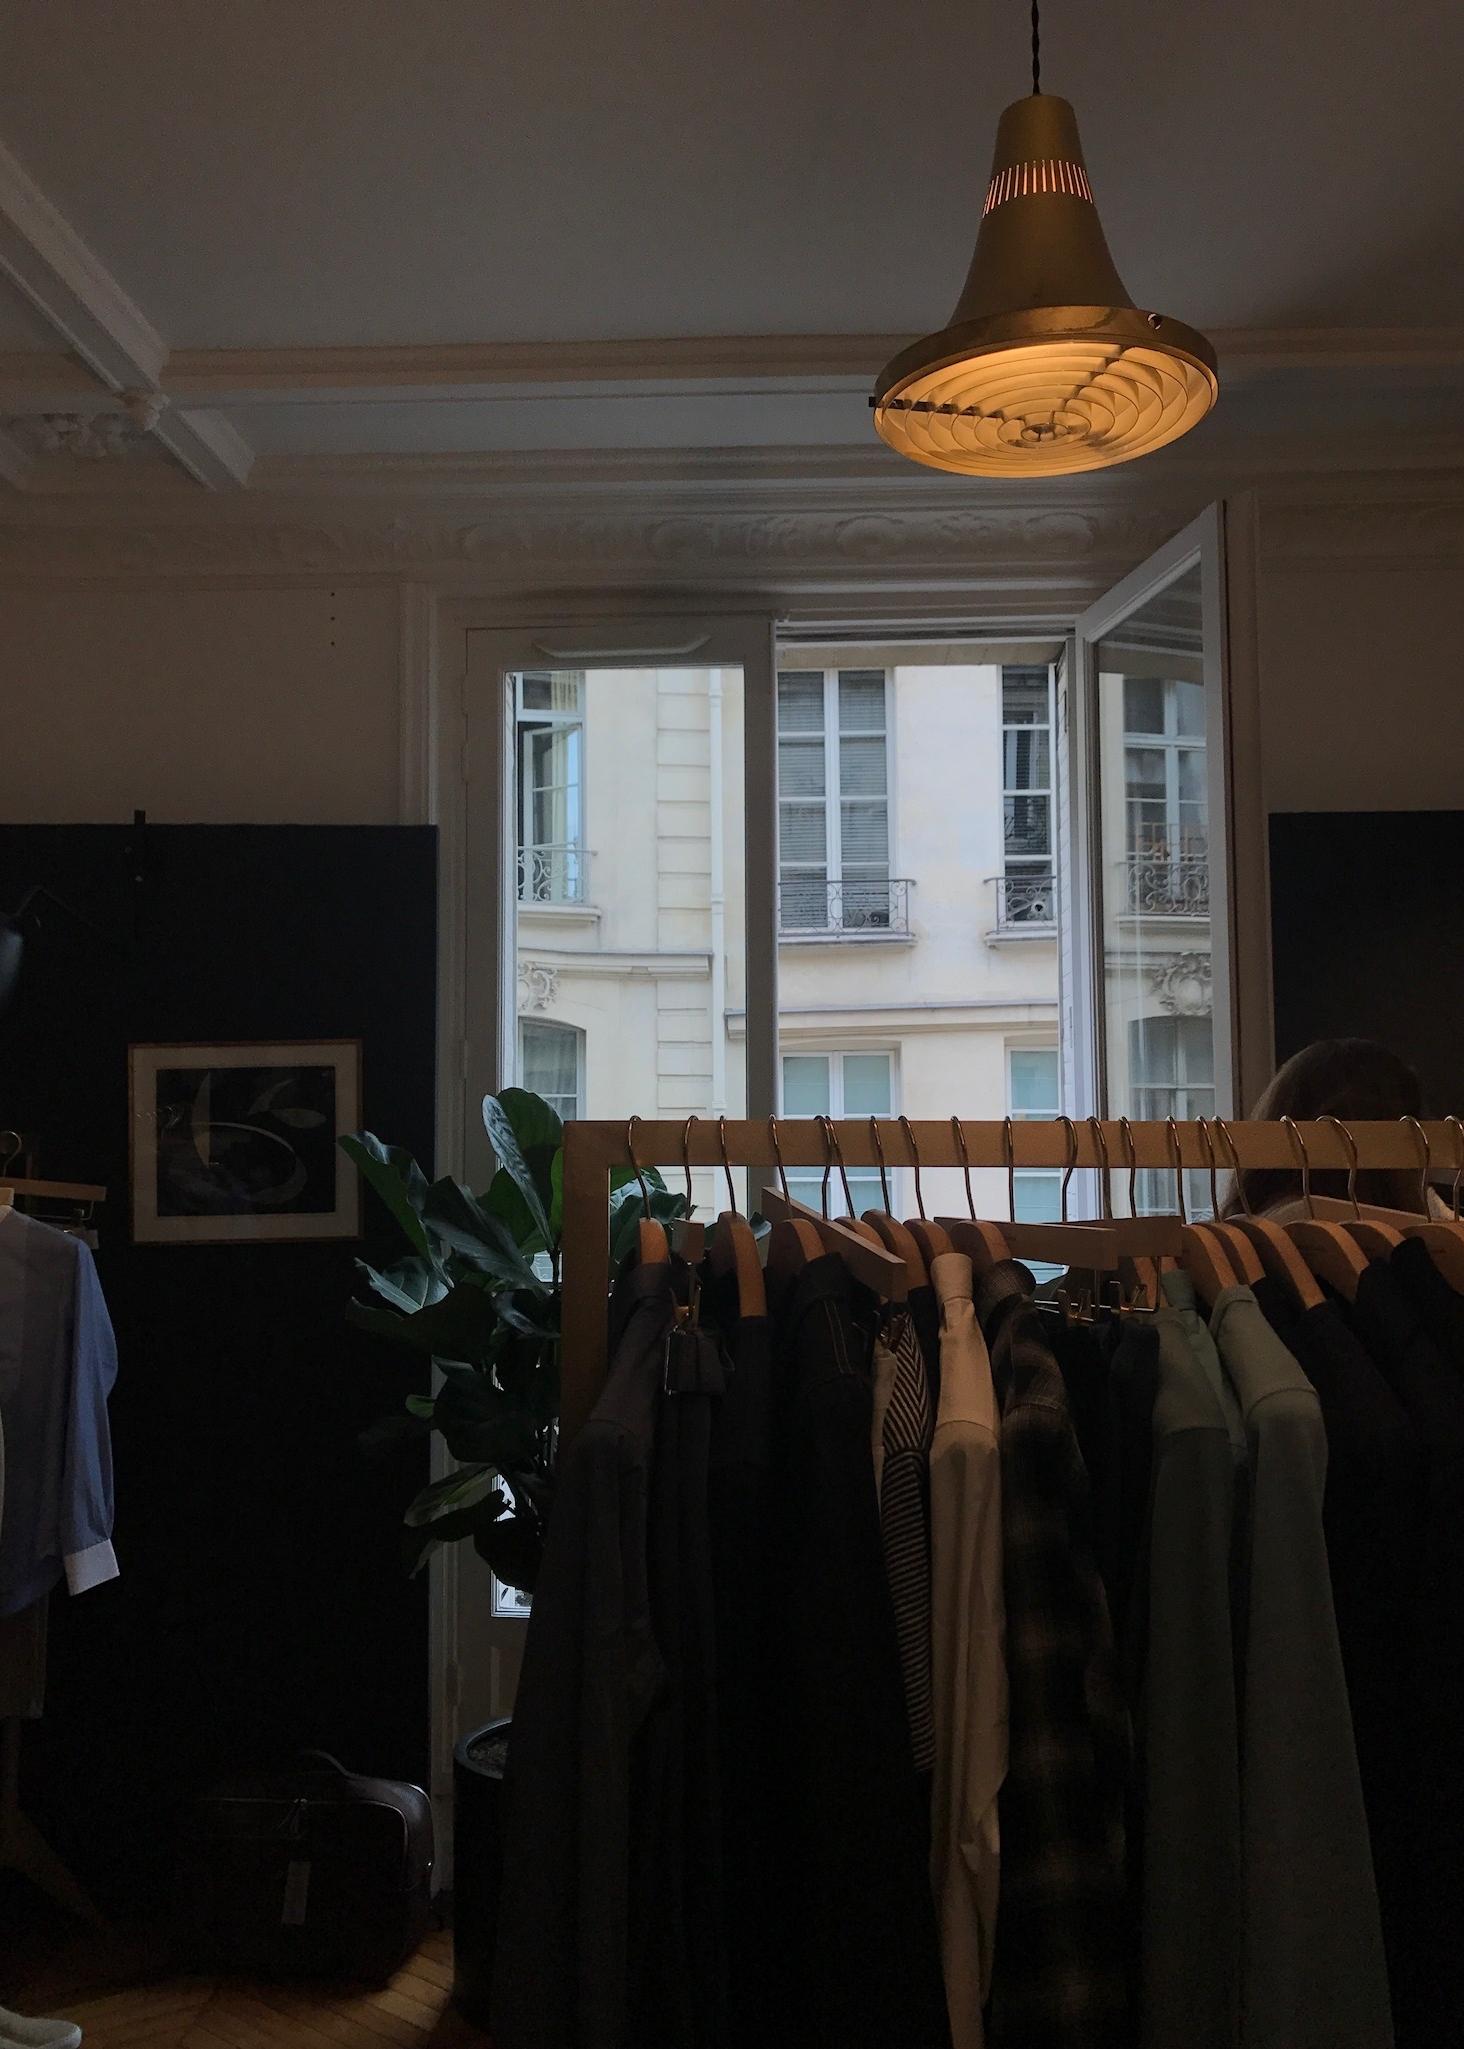 Officine Generale showroom